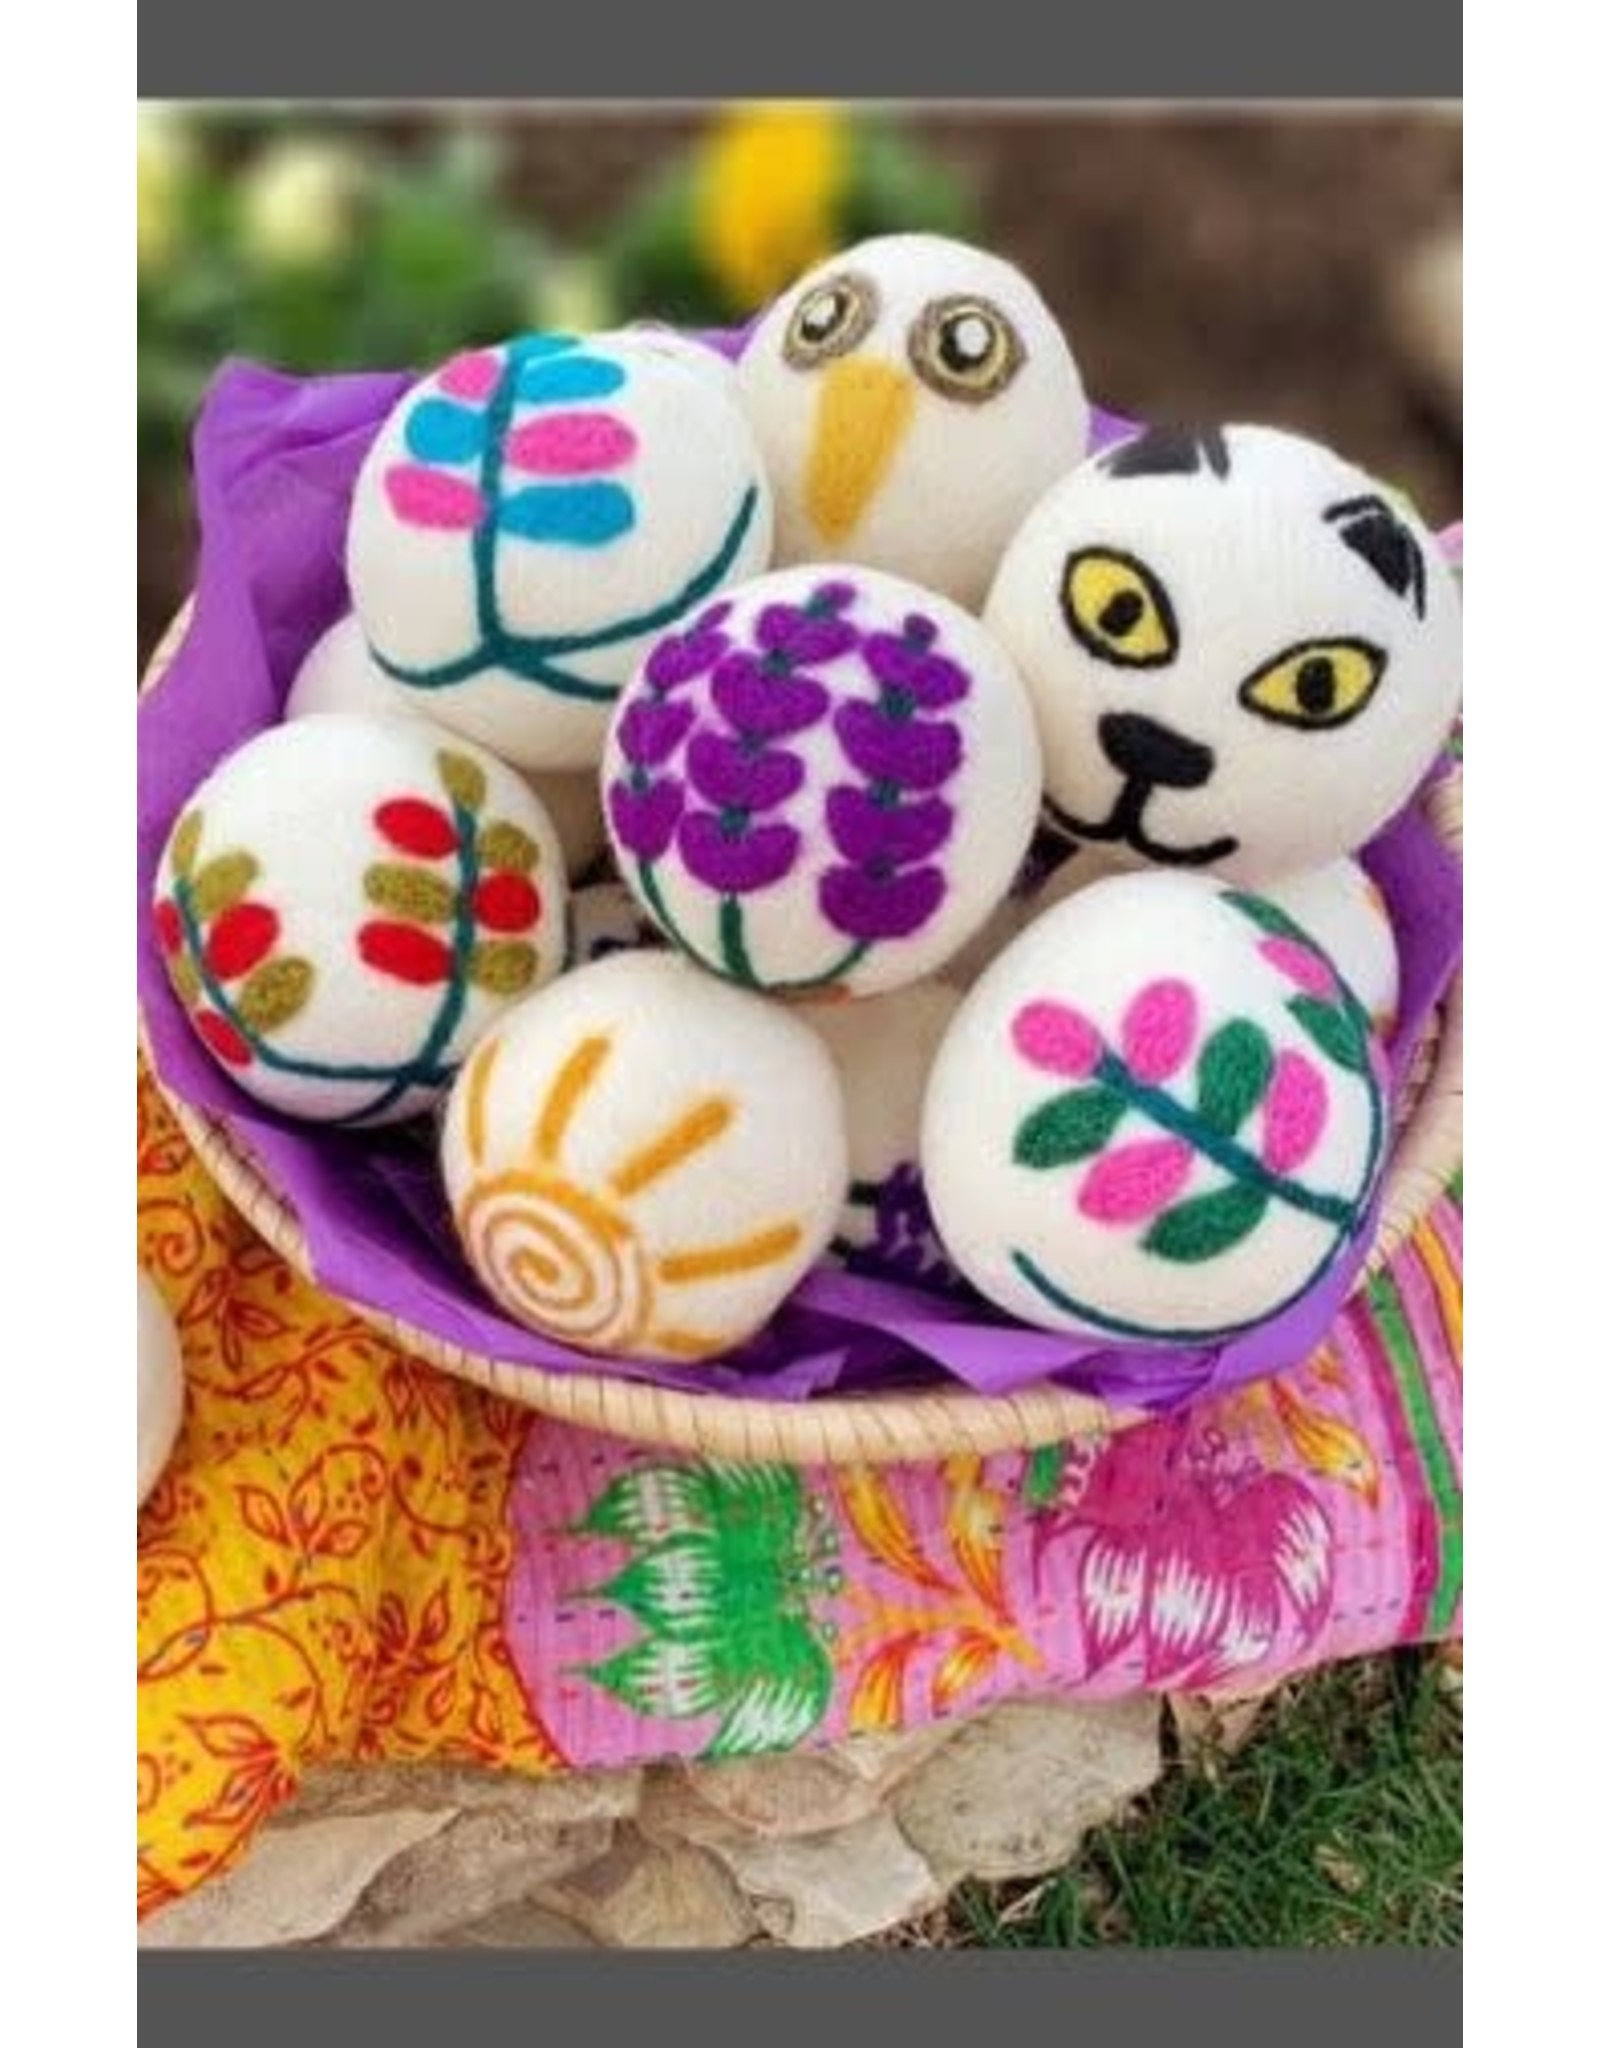 Ganesh Himal Embroidered Dryer Balls, set of 2